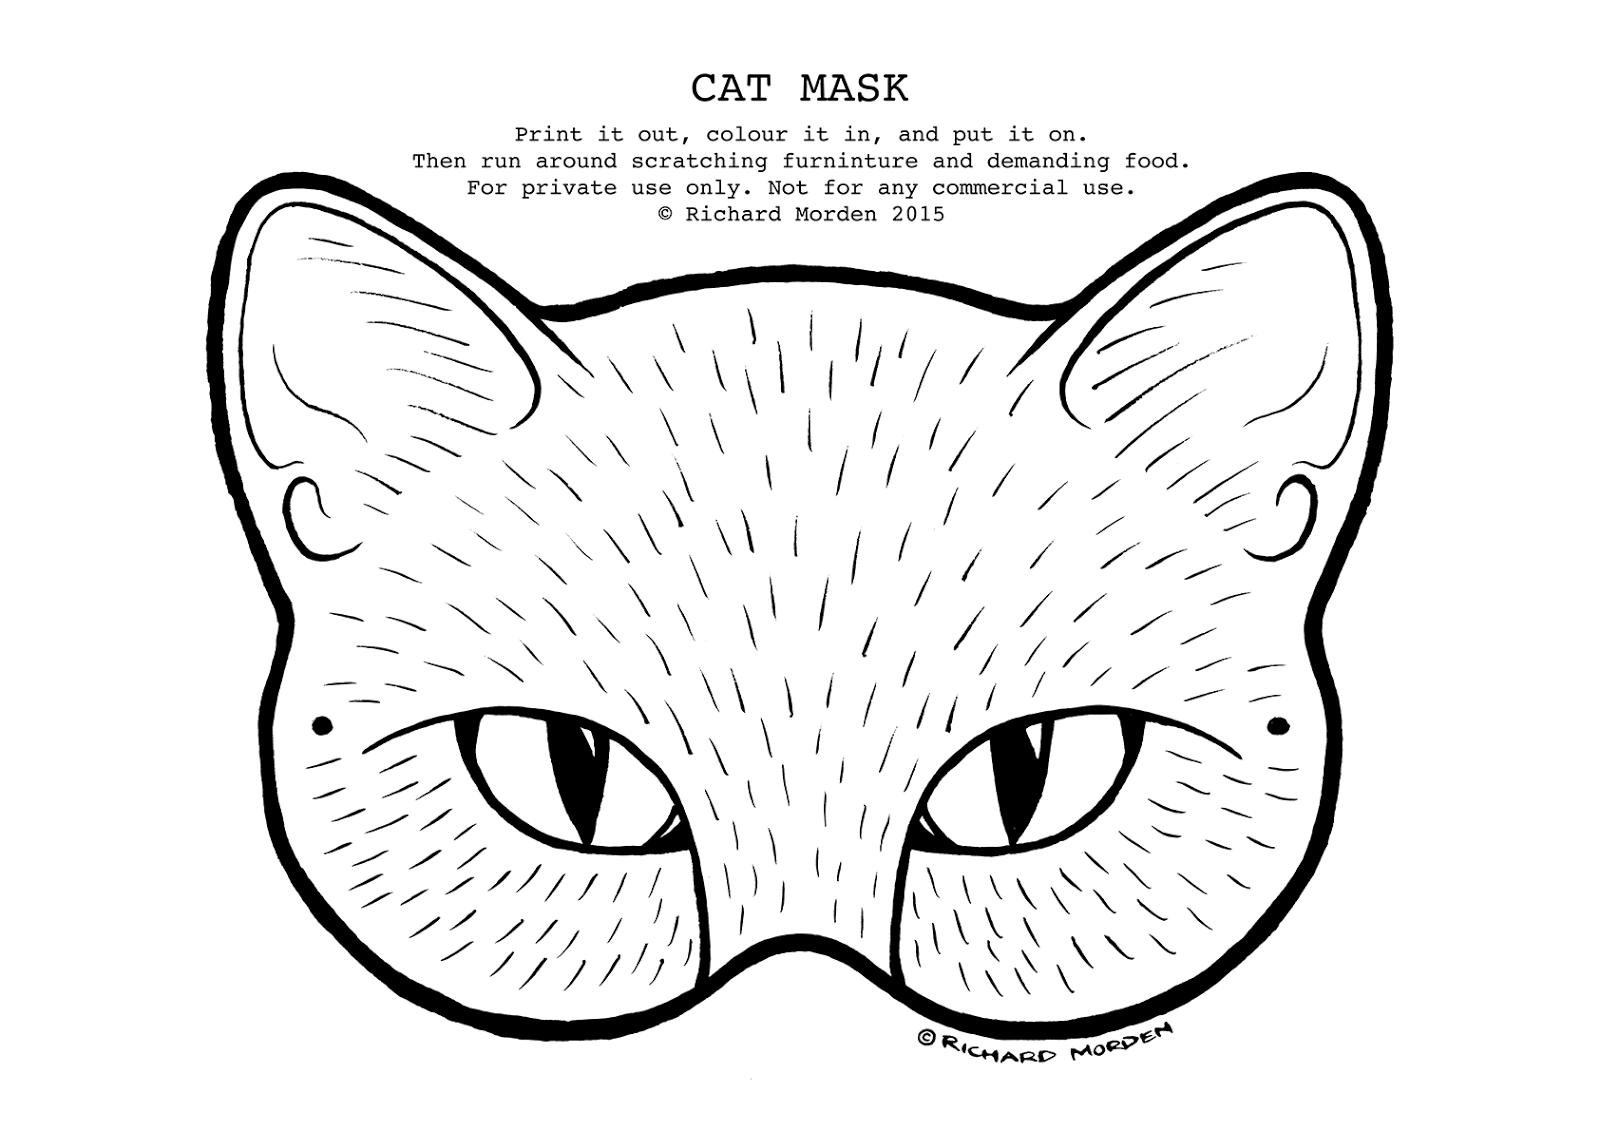 Drawn masks cat In mask Richard Morden paper